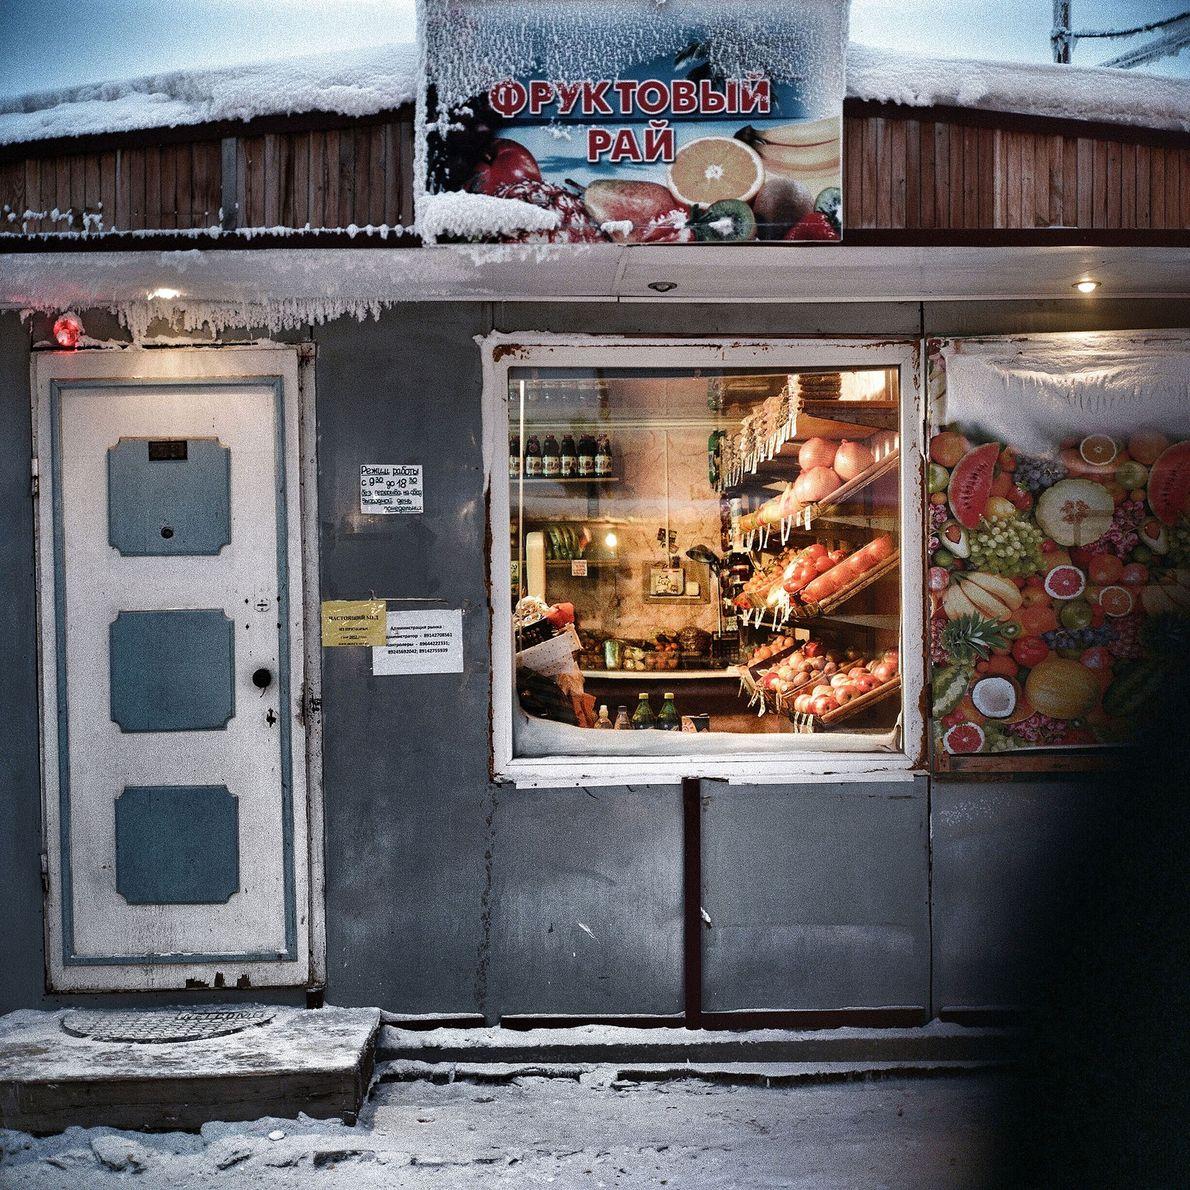 Lebensmittelgeschäfte bringen ein bisschen Farbe in diese schwarz-weiße Stadt.